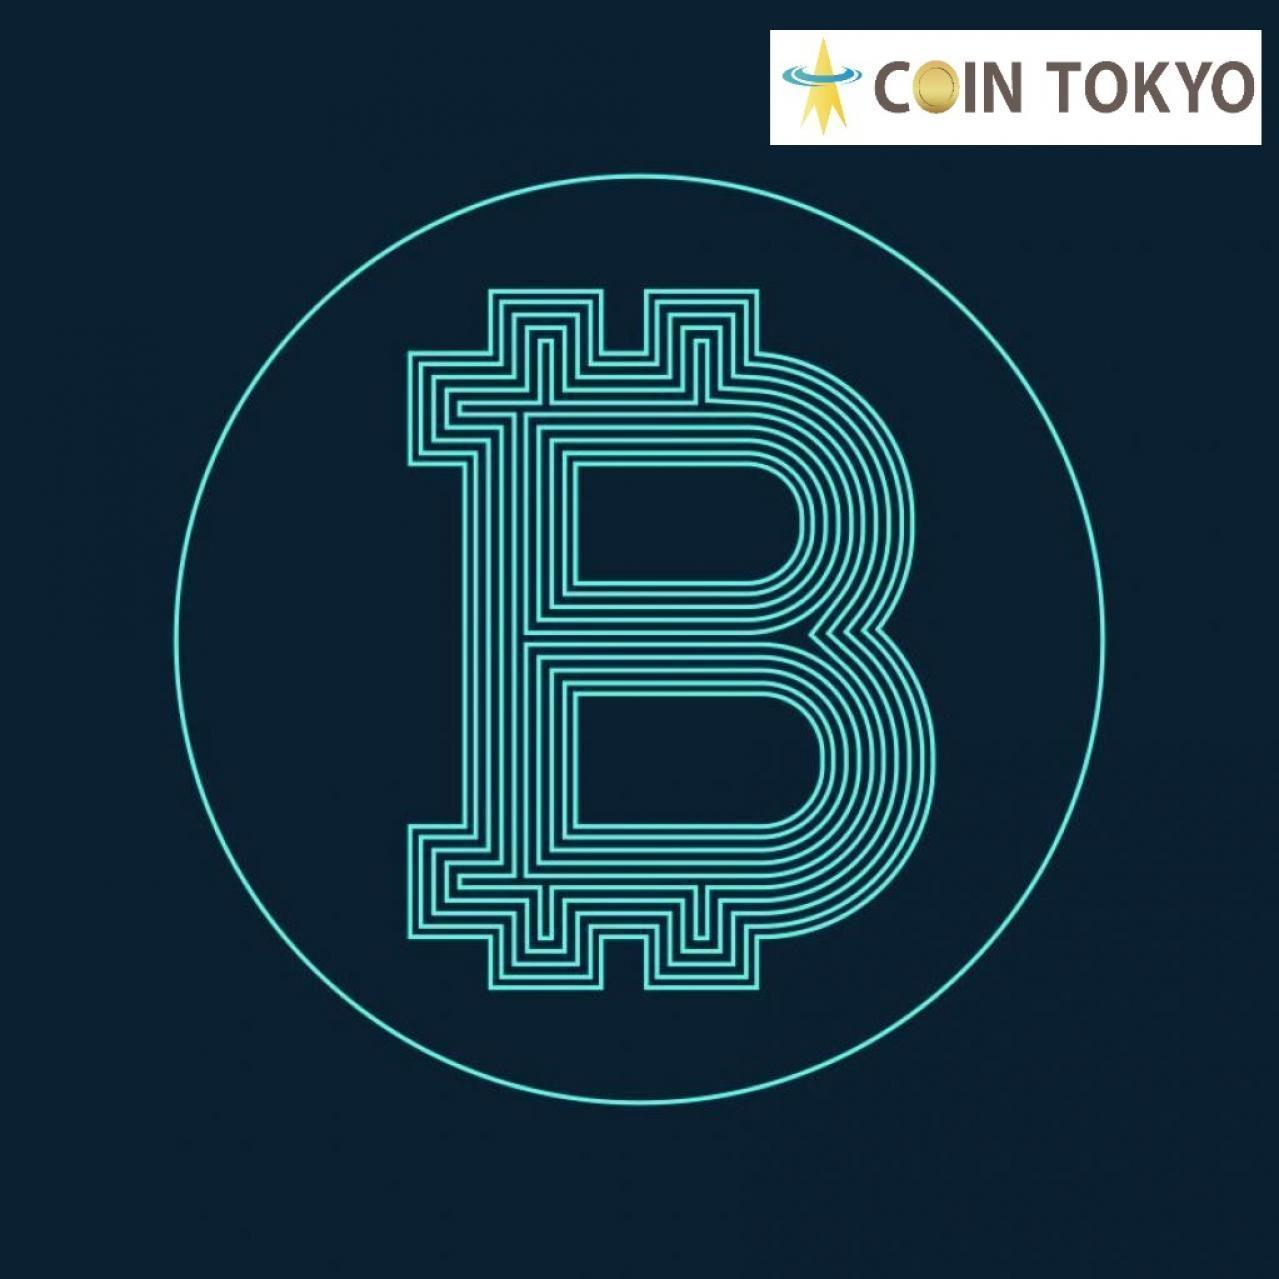 爆上がり止まらず。ビットコイン史上最高値の3万ドルを突破 | ギズモード・ジャパン